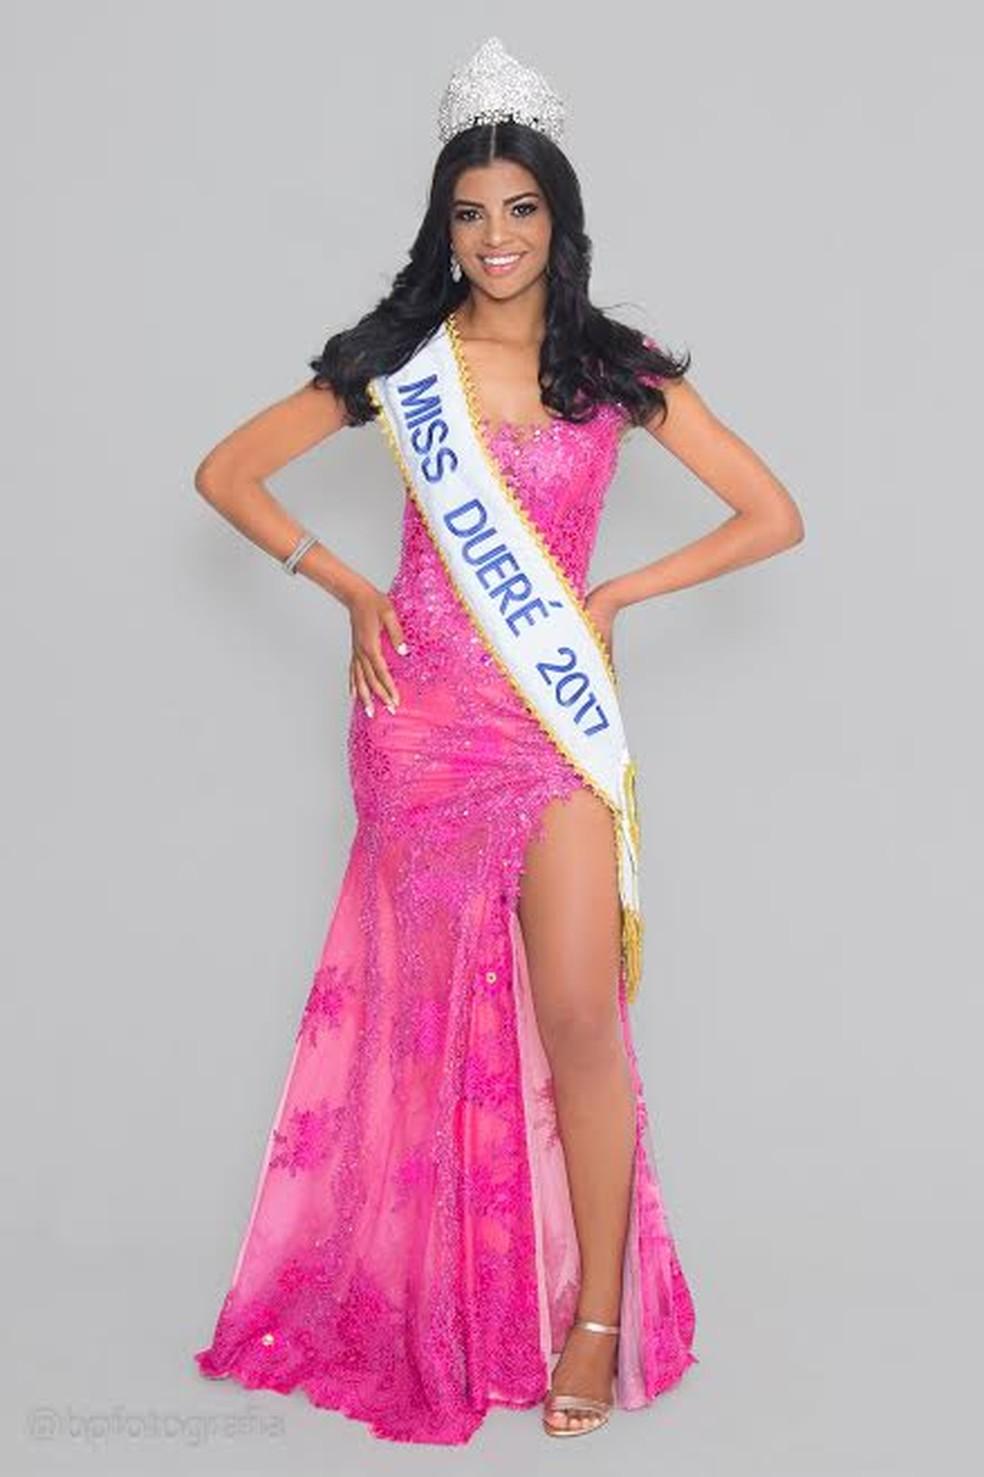 Islane Machado representou o Tocantins no concurso Miss Brasil em 2017 (Foto: Divulgação/Bpfotografia)